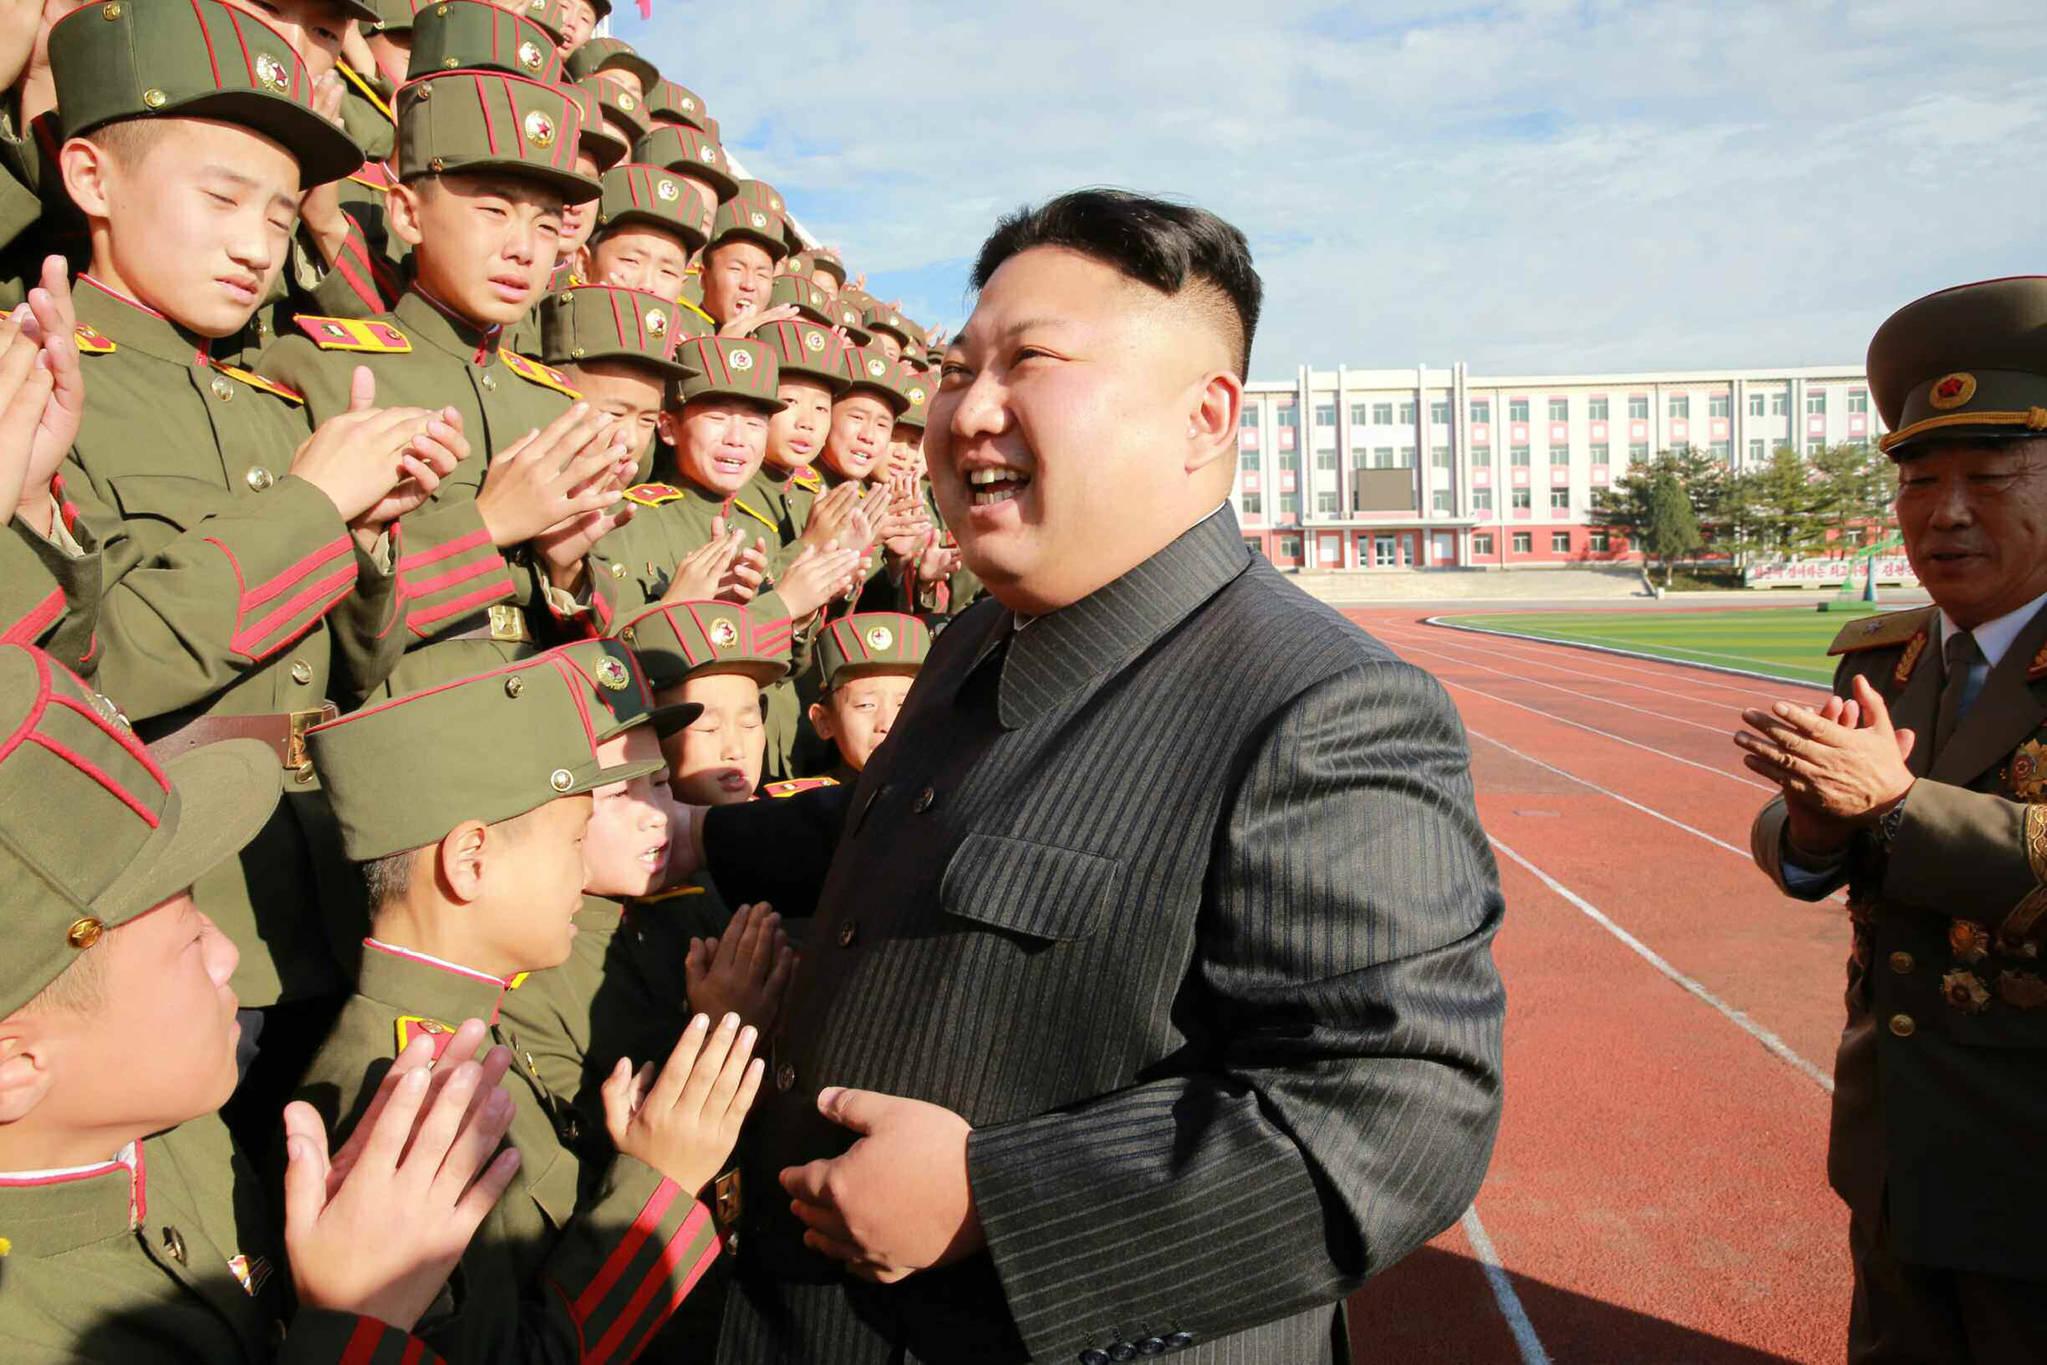 북한 김정은 노동당 위원장이 설립 70주년을 맞은 만경대혁명학원을 방문하고 교직원, 학생들과 기념사진을 찍었다고 노동신문이 13일 전했다. [연합뉴스]